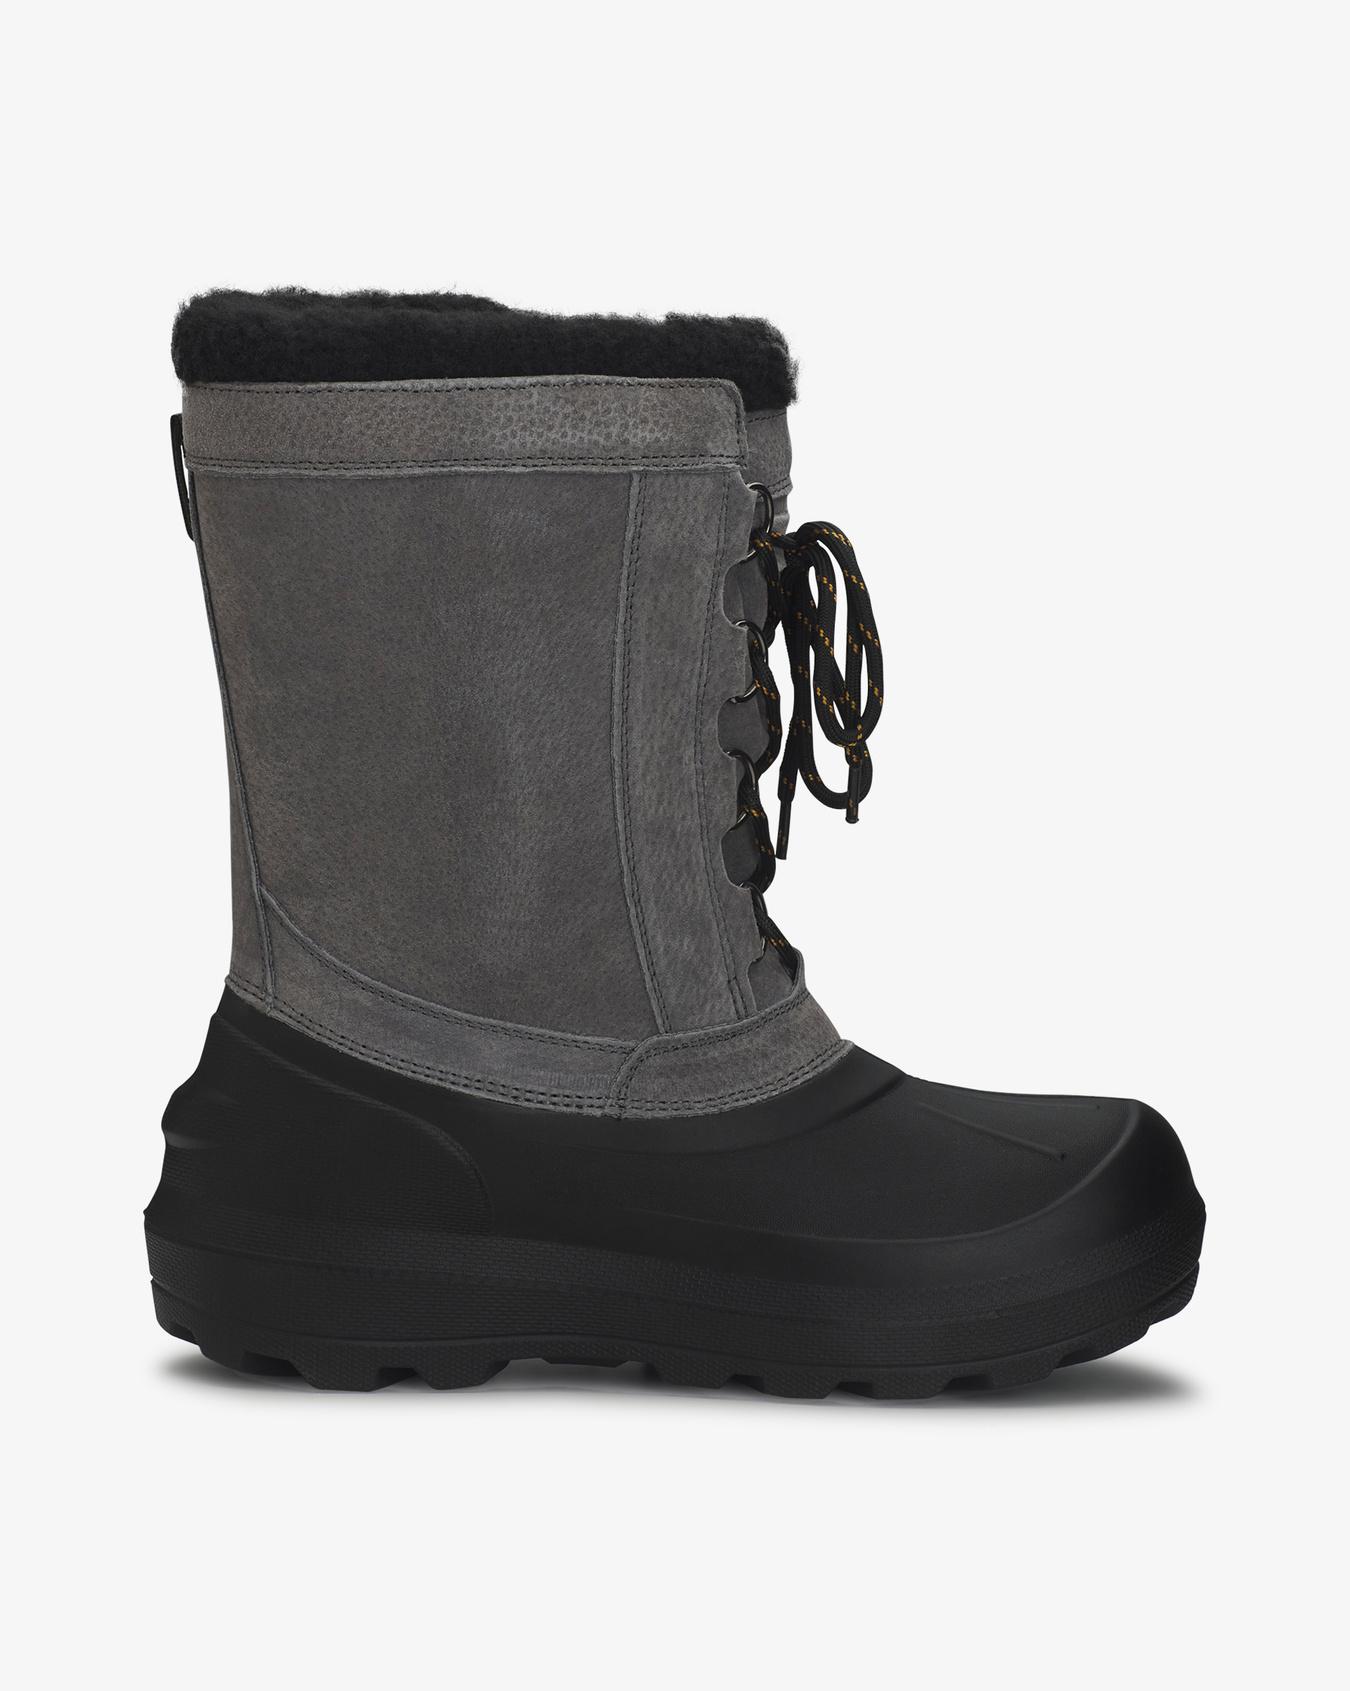 Svartisen Black Winter Boots